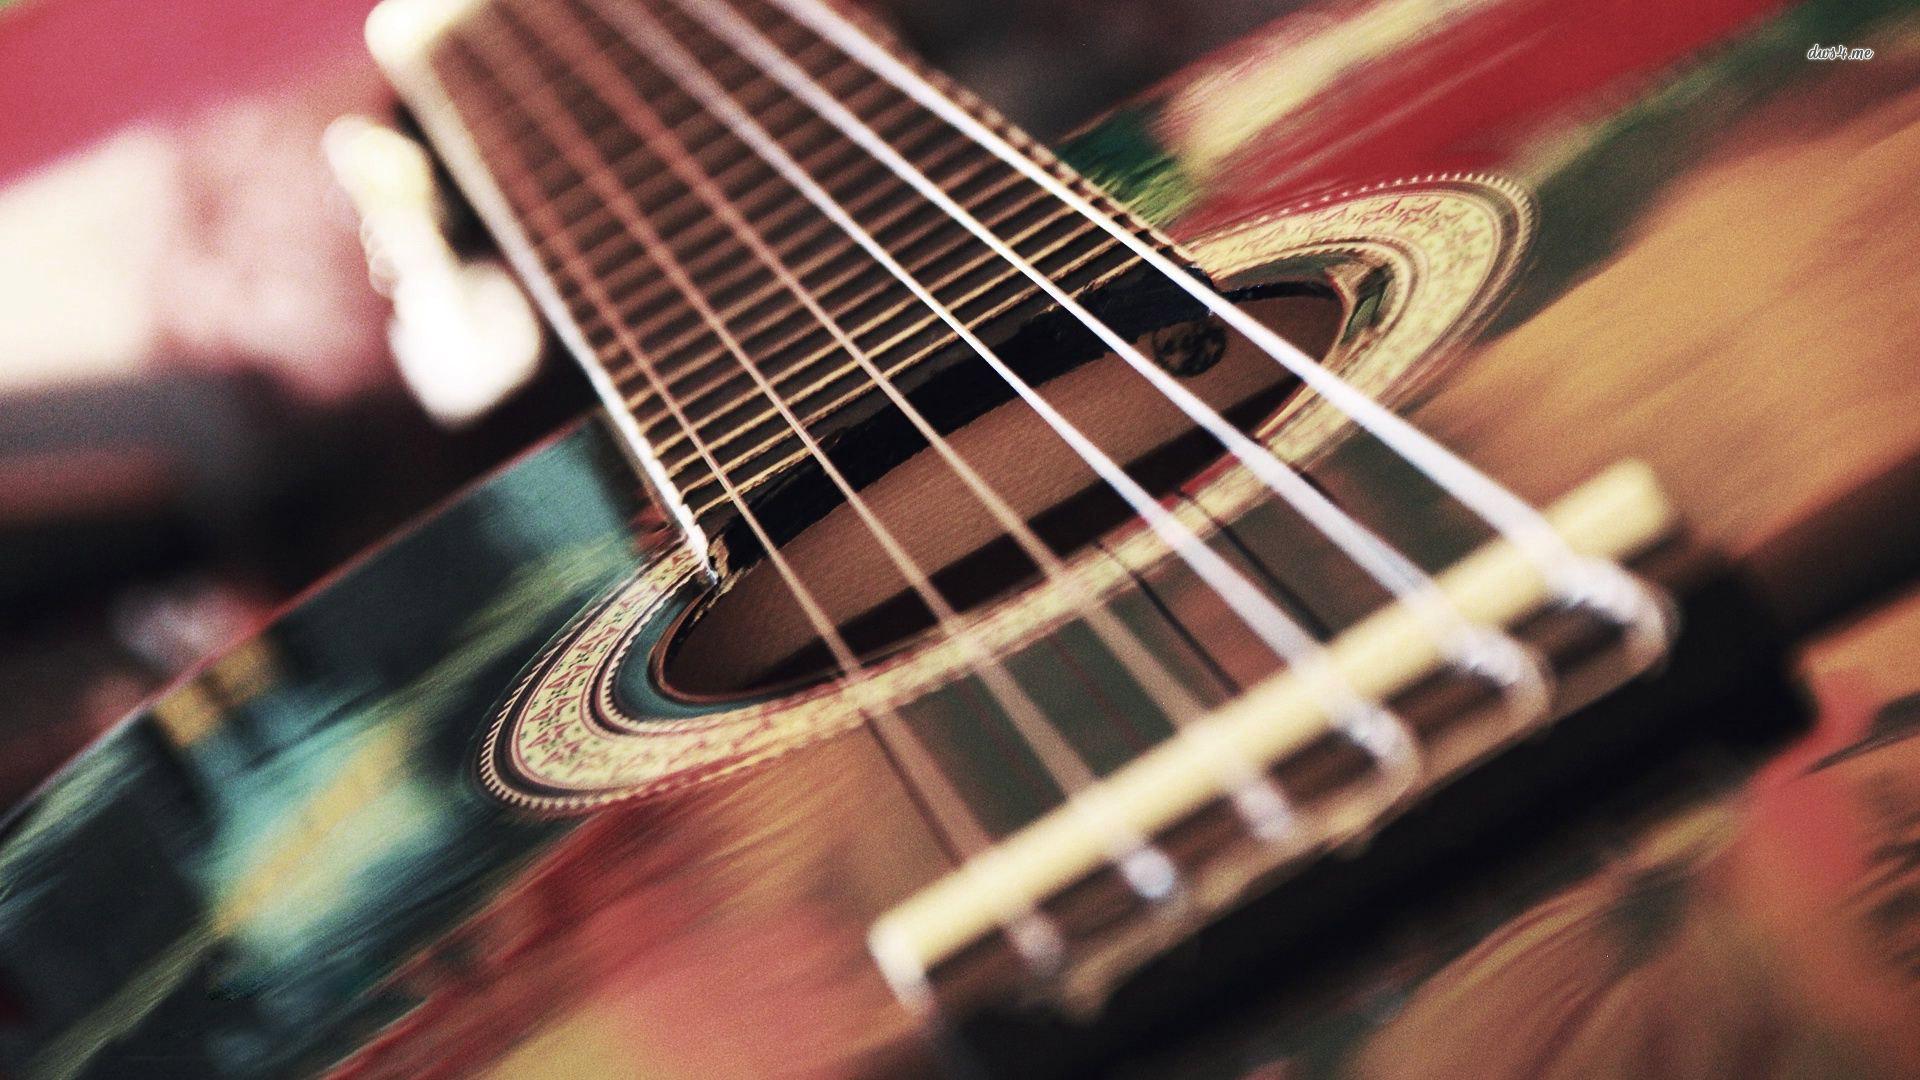 Bass Guitar Wallpapers Wallpaper 1920x1080